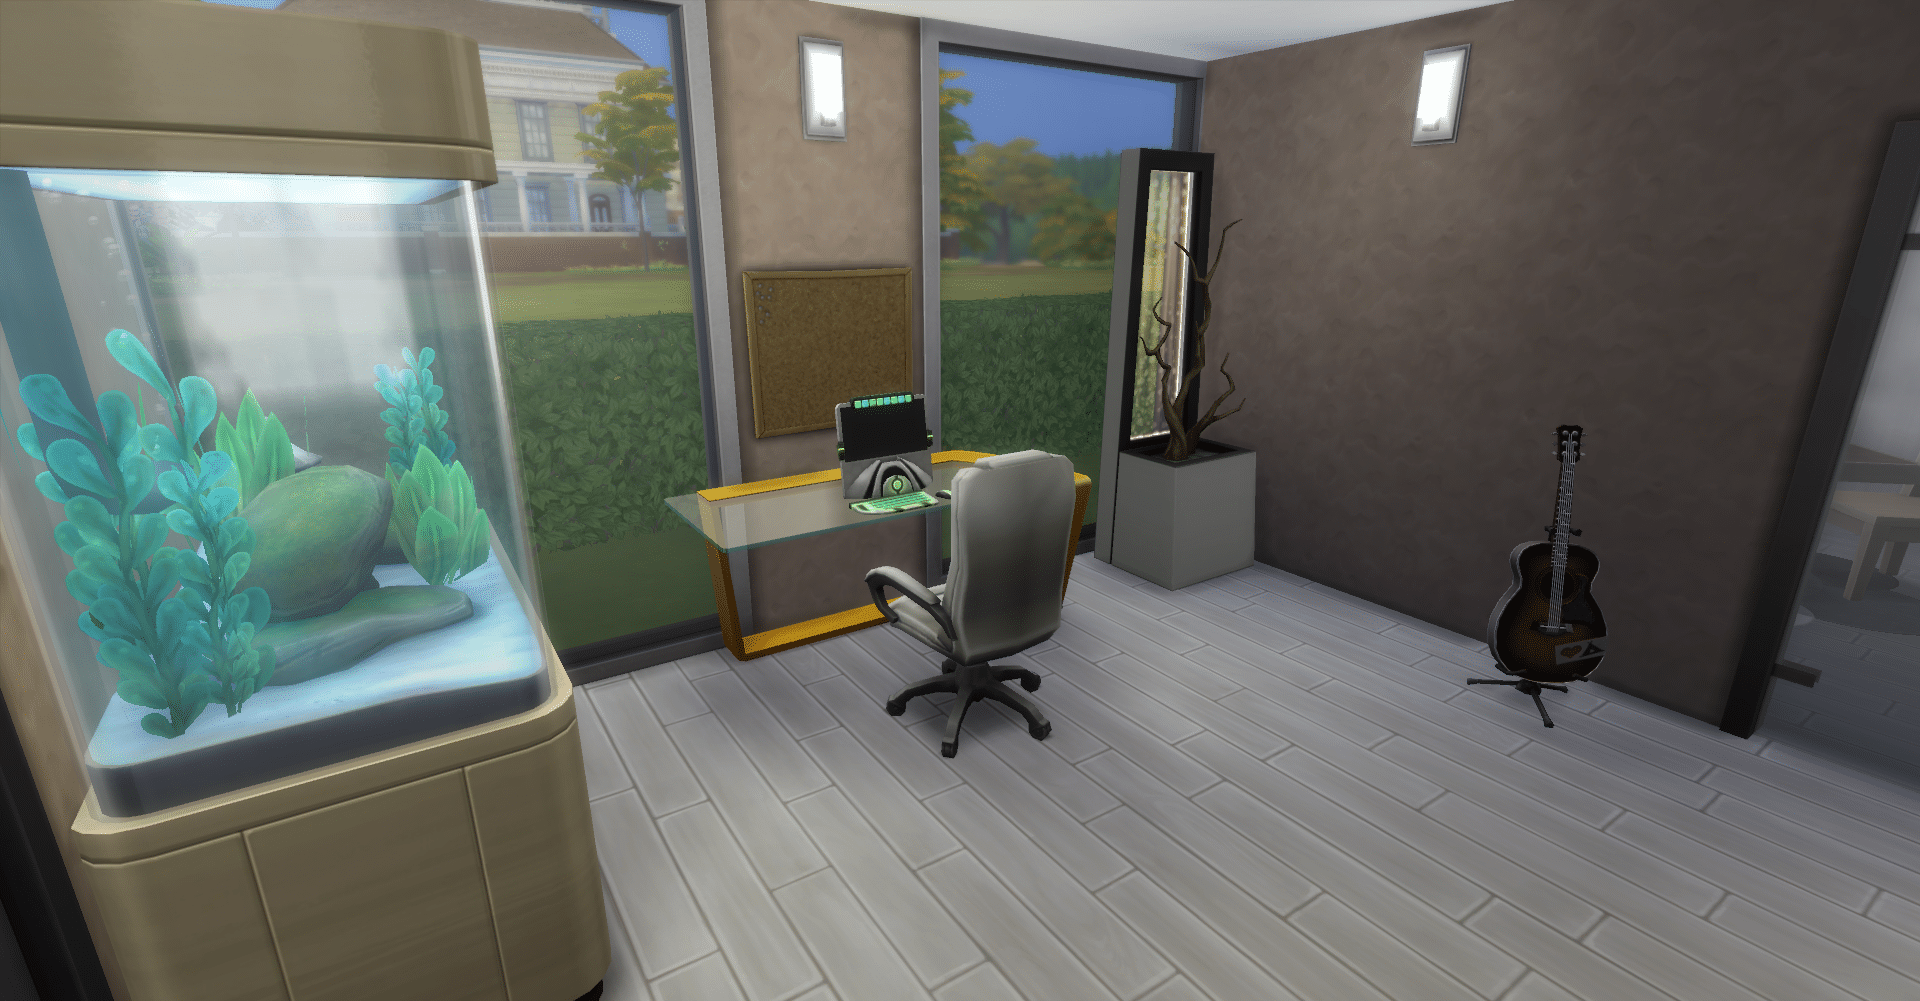 Le studio de Maman PandiinOu Pres-de-losmose-4